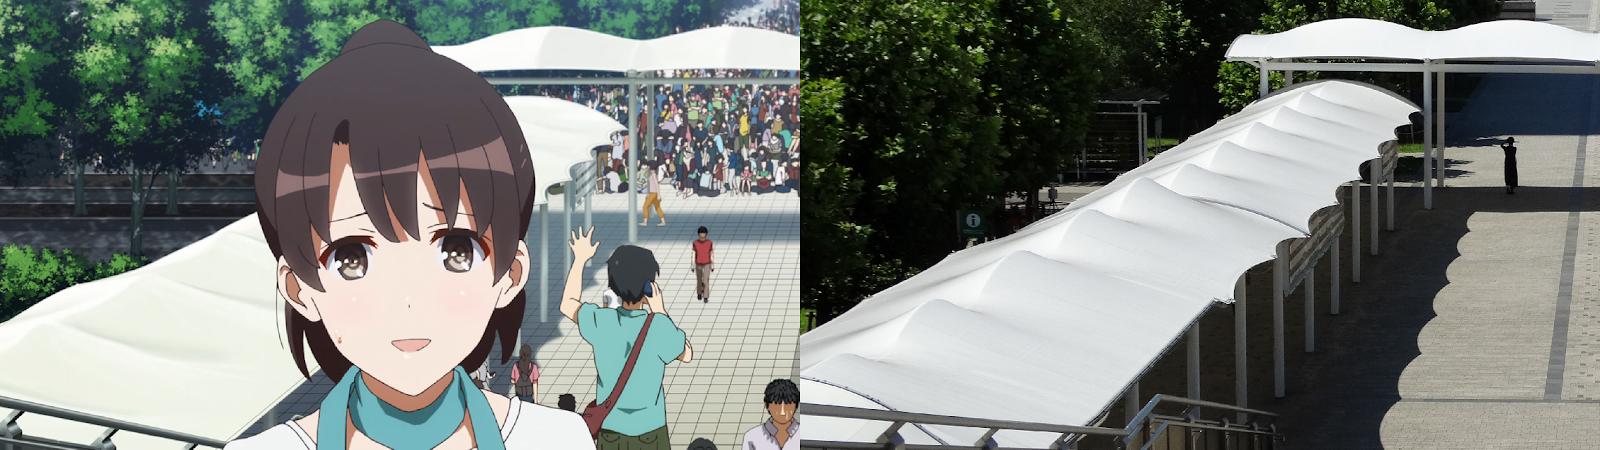 saekano, anime, real life, pilgrimage